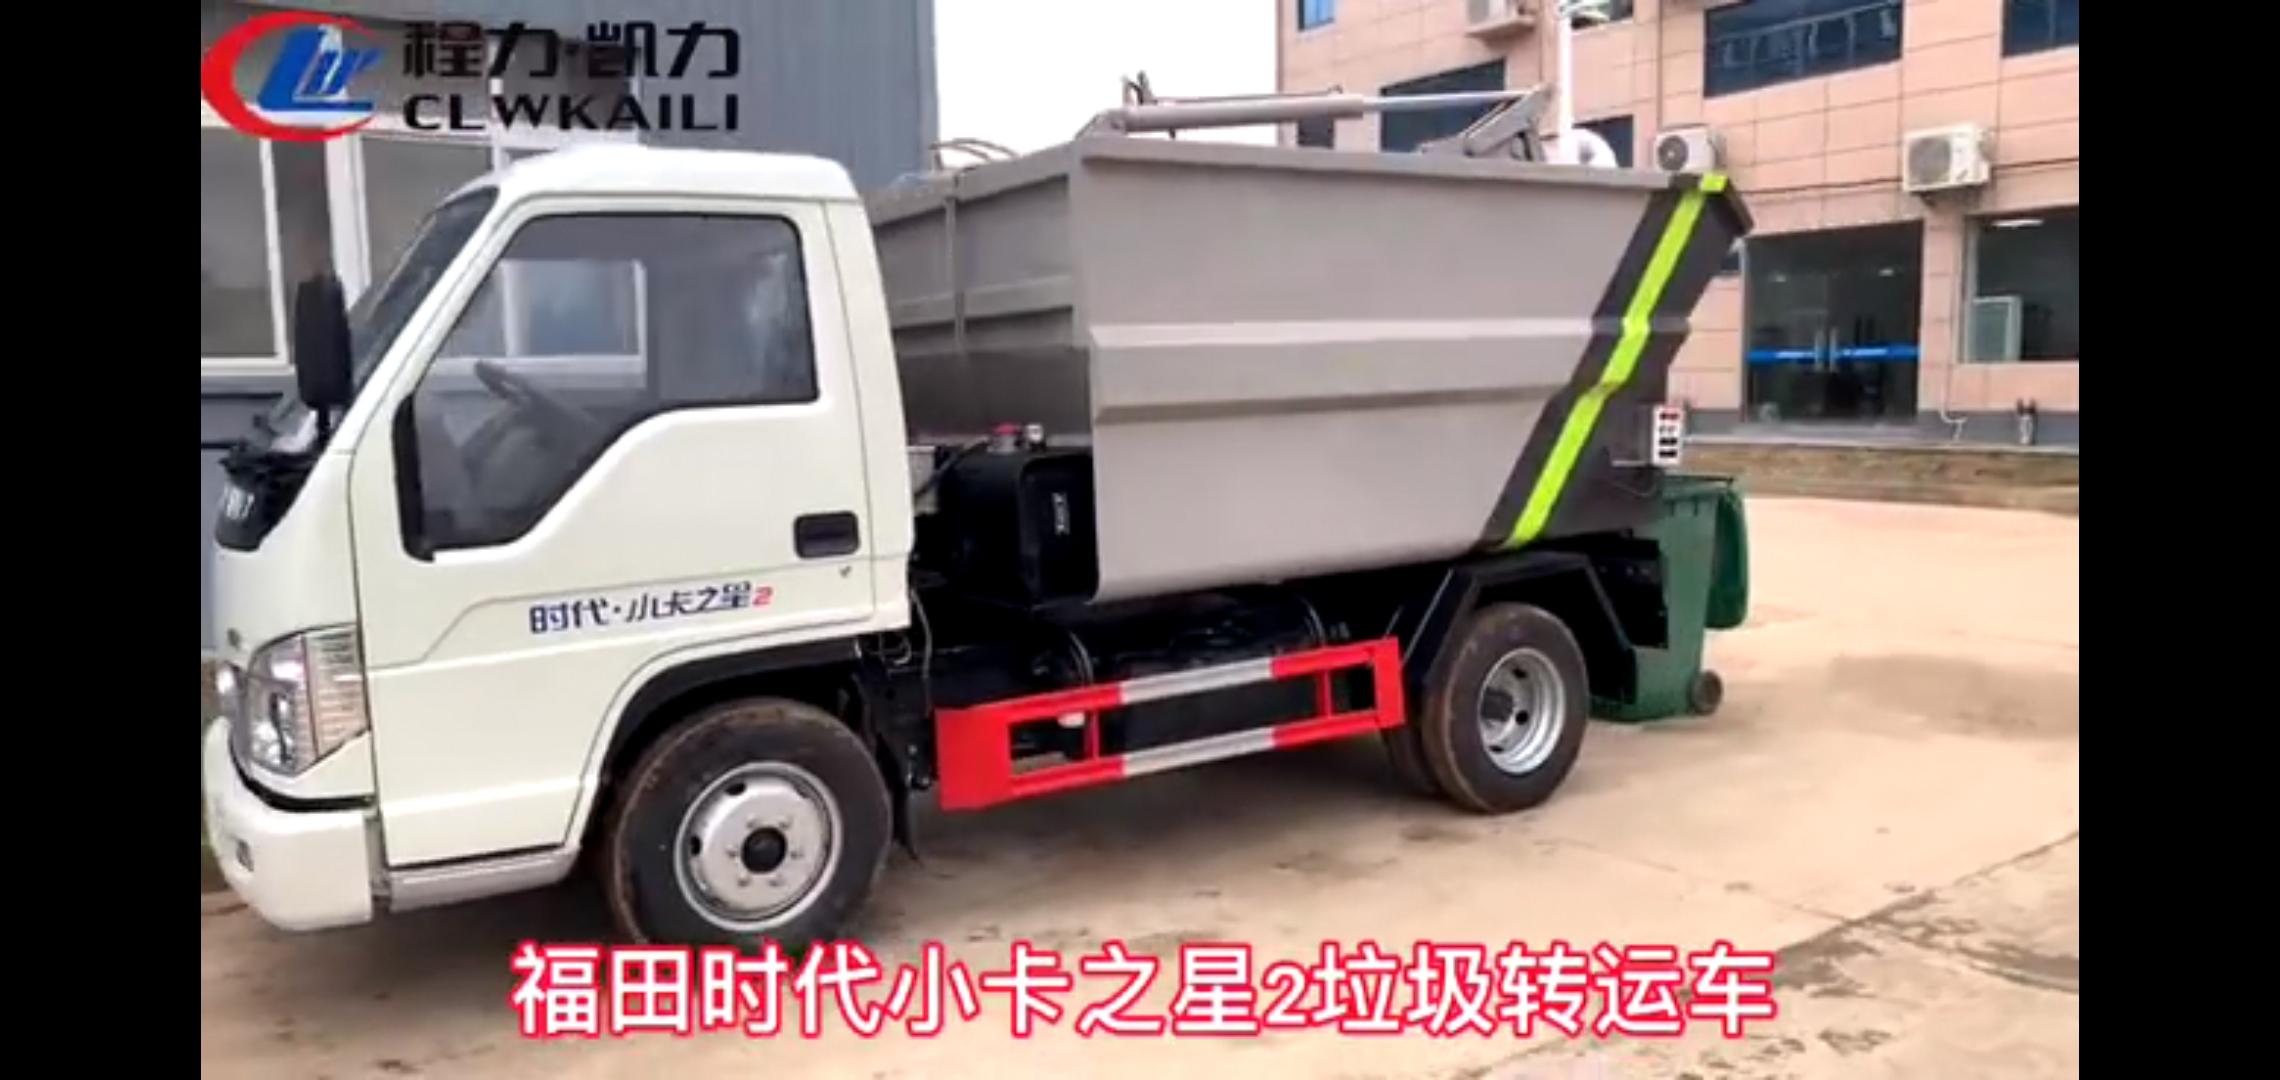 福田時代小卡之星2后掛桶式垃圾轉運車